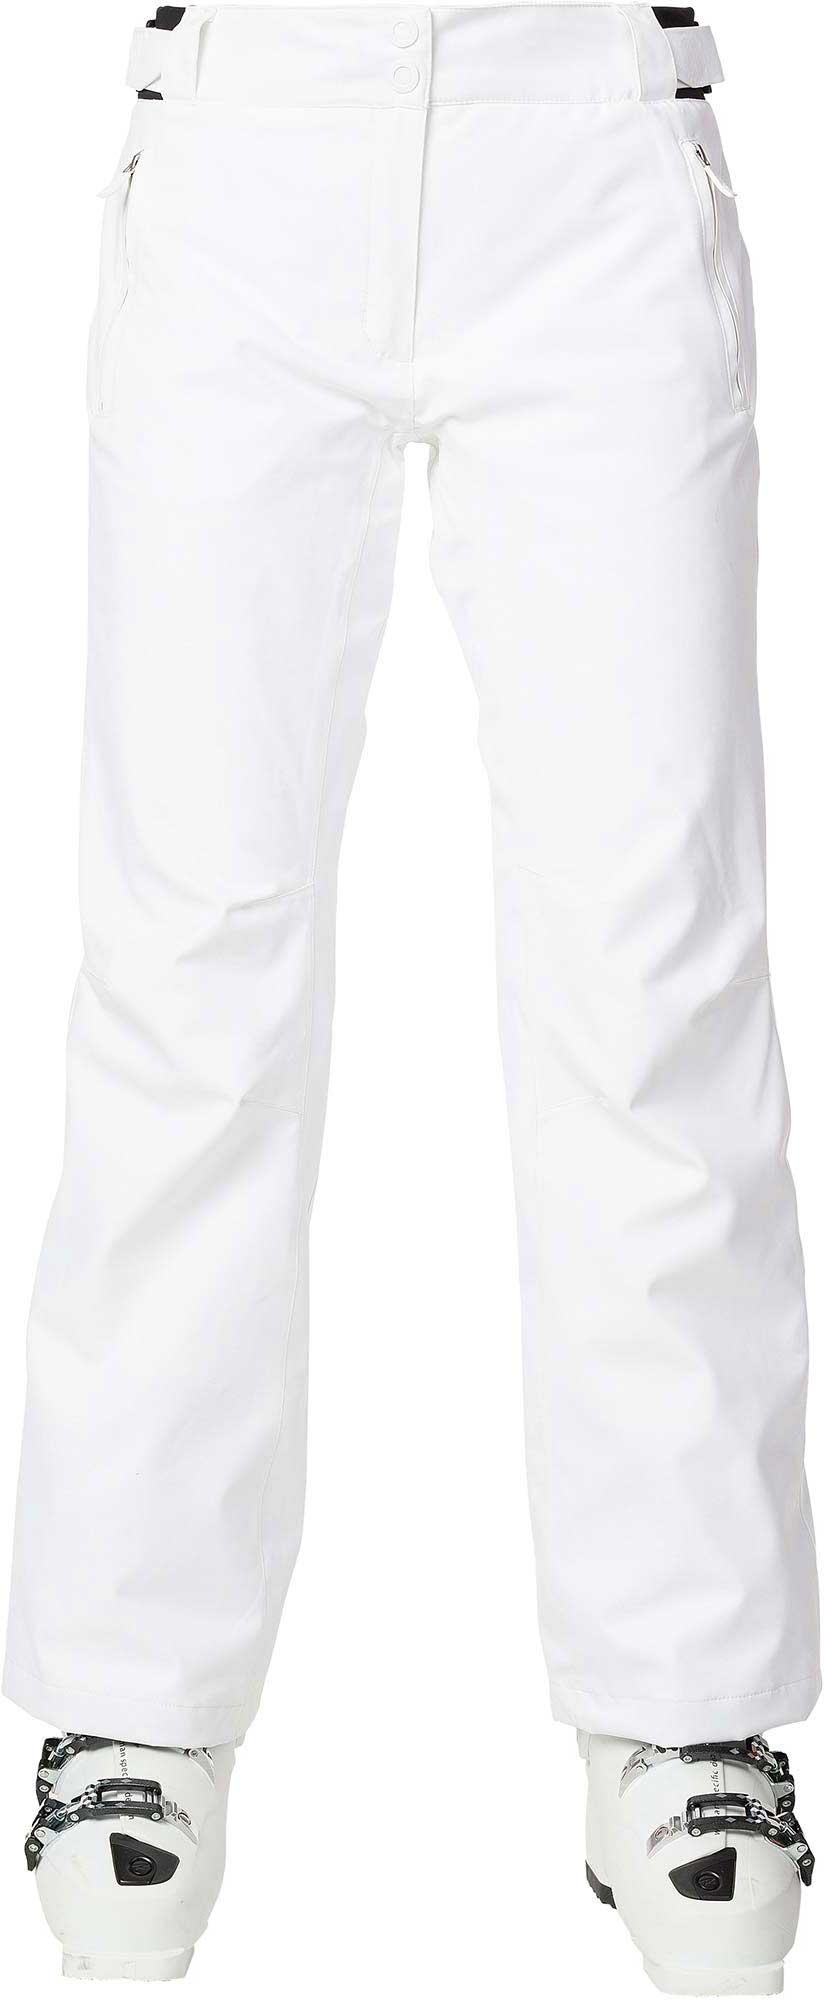 Rossignol nohavice W Ski Pant white Velikost: M